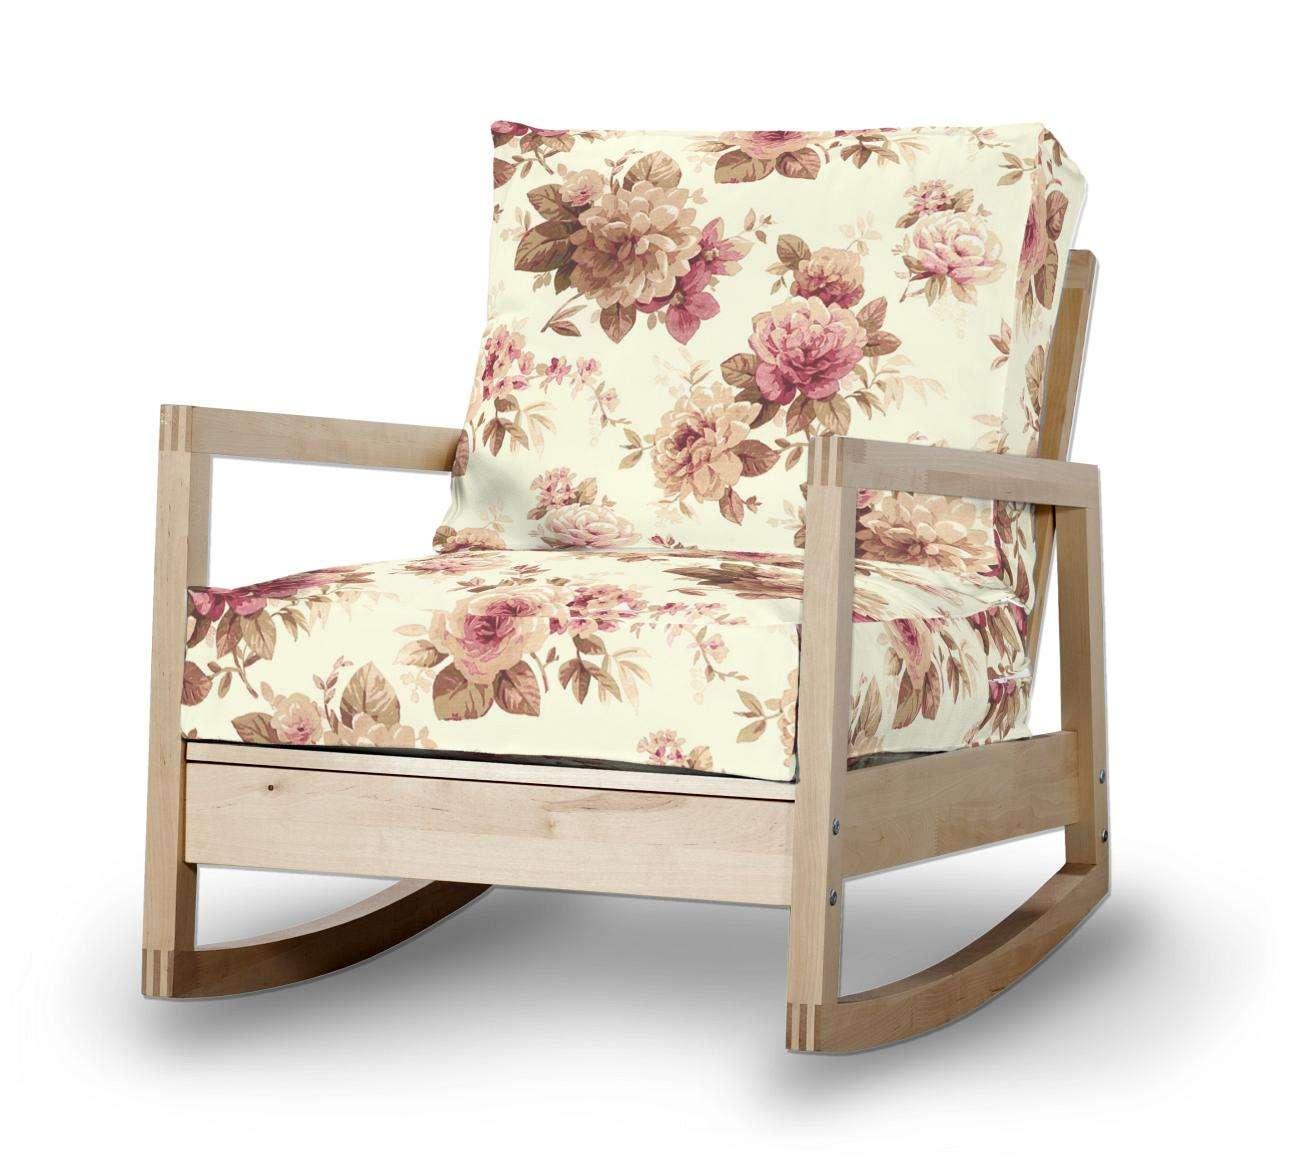 Pokrowiec na fotel Lillberg w kolekcji Londres, tkanina: 141-06